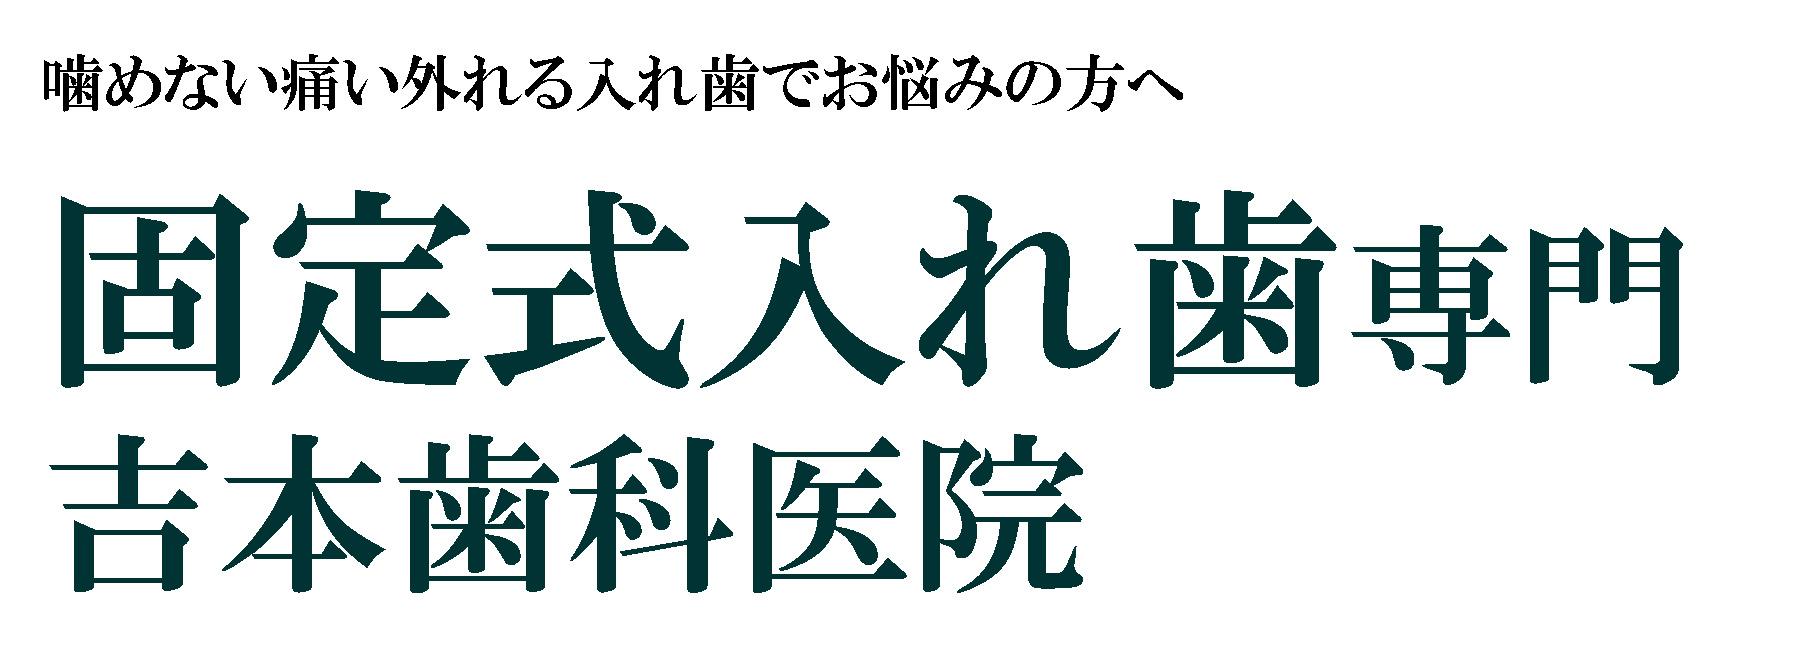 高知県で入れ歯でお悩み方へ|固定式総入れ歯専門の吉本歯科医院(香川県)|志国高知県から来院